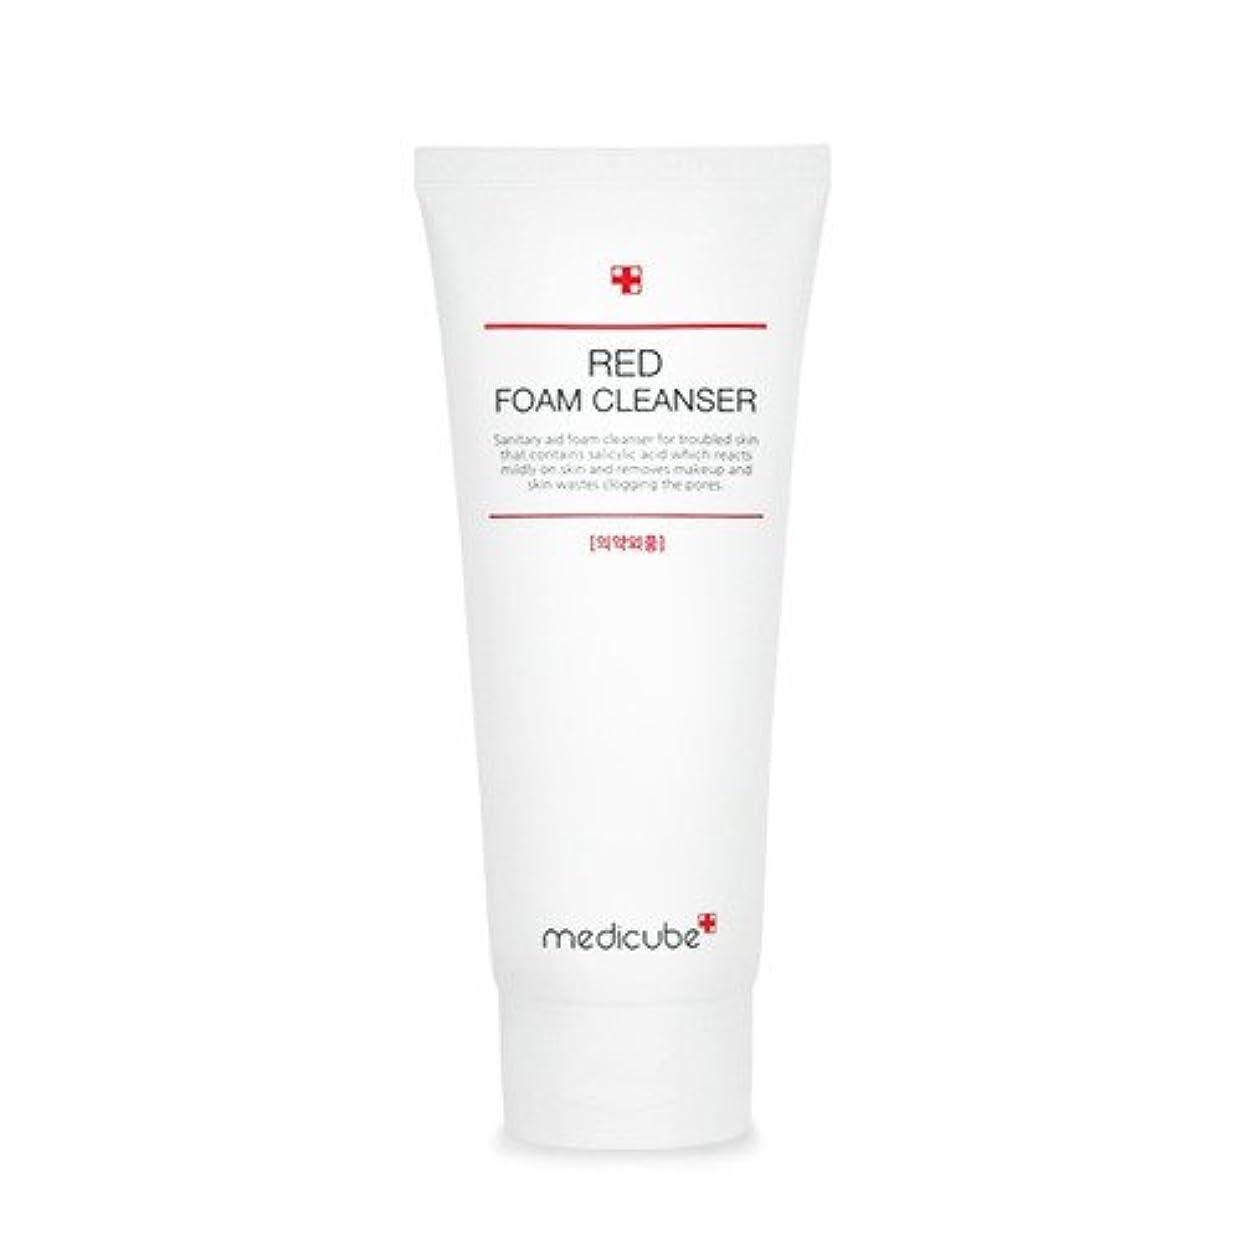 学部日光窒素[Medicube]Red Foam Cleanser 120ml / メディキューブレッドクレンジングフォーム / 正品?海外直送商品 [並行輸入品]